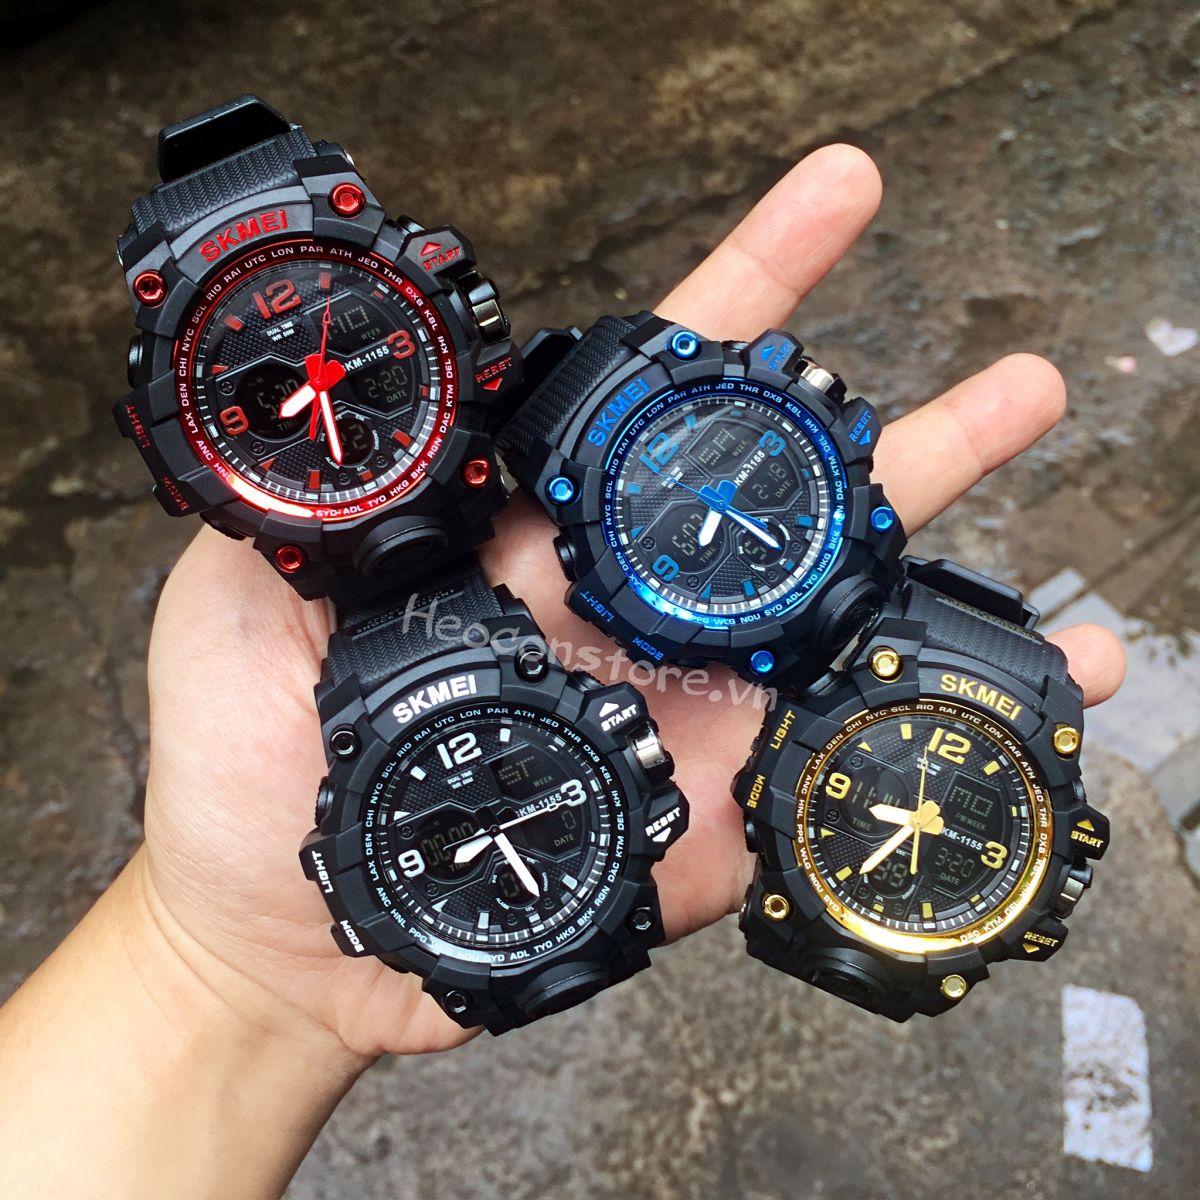 đồng hồ thể thao nam SKMEI 1155B | Heoconstore.com